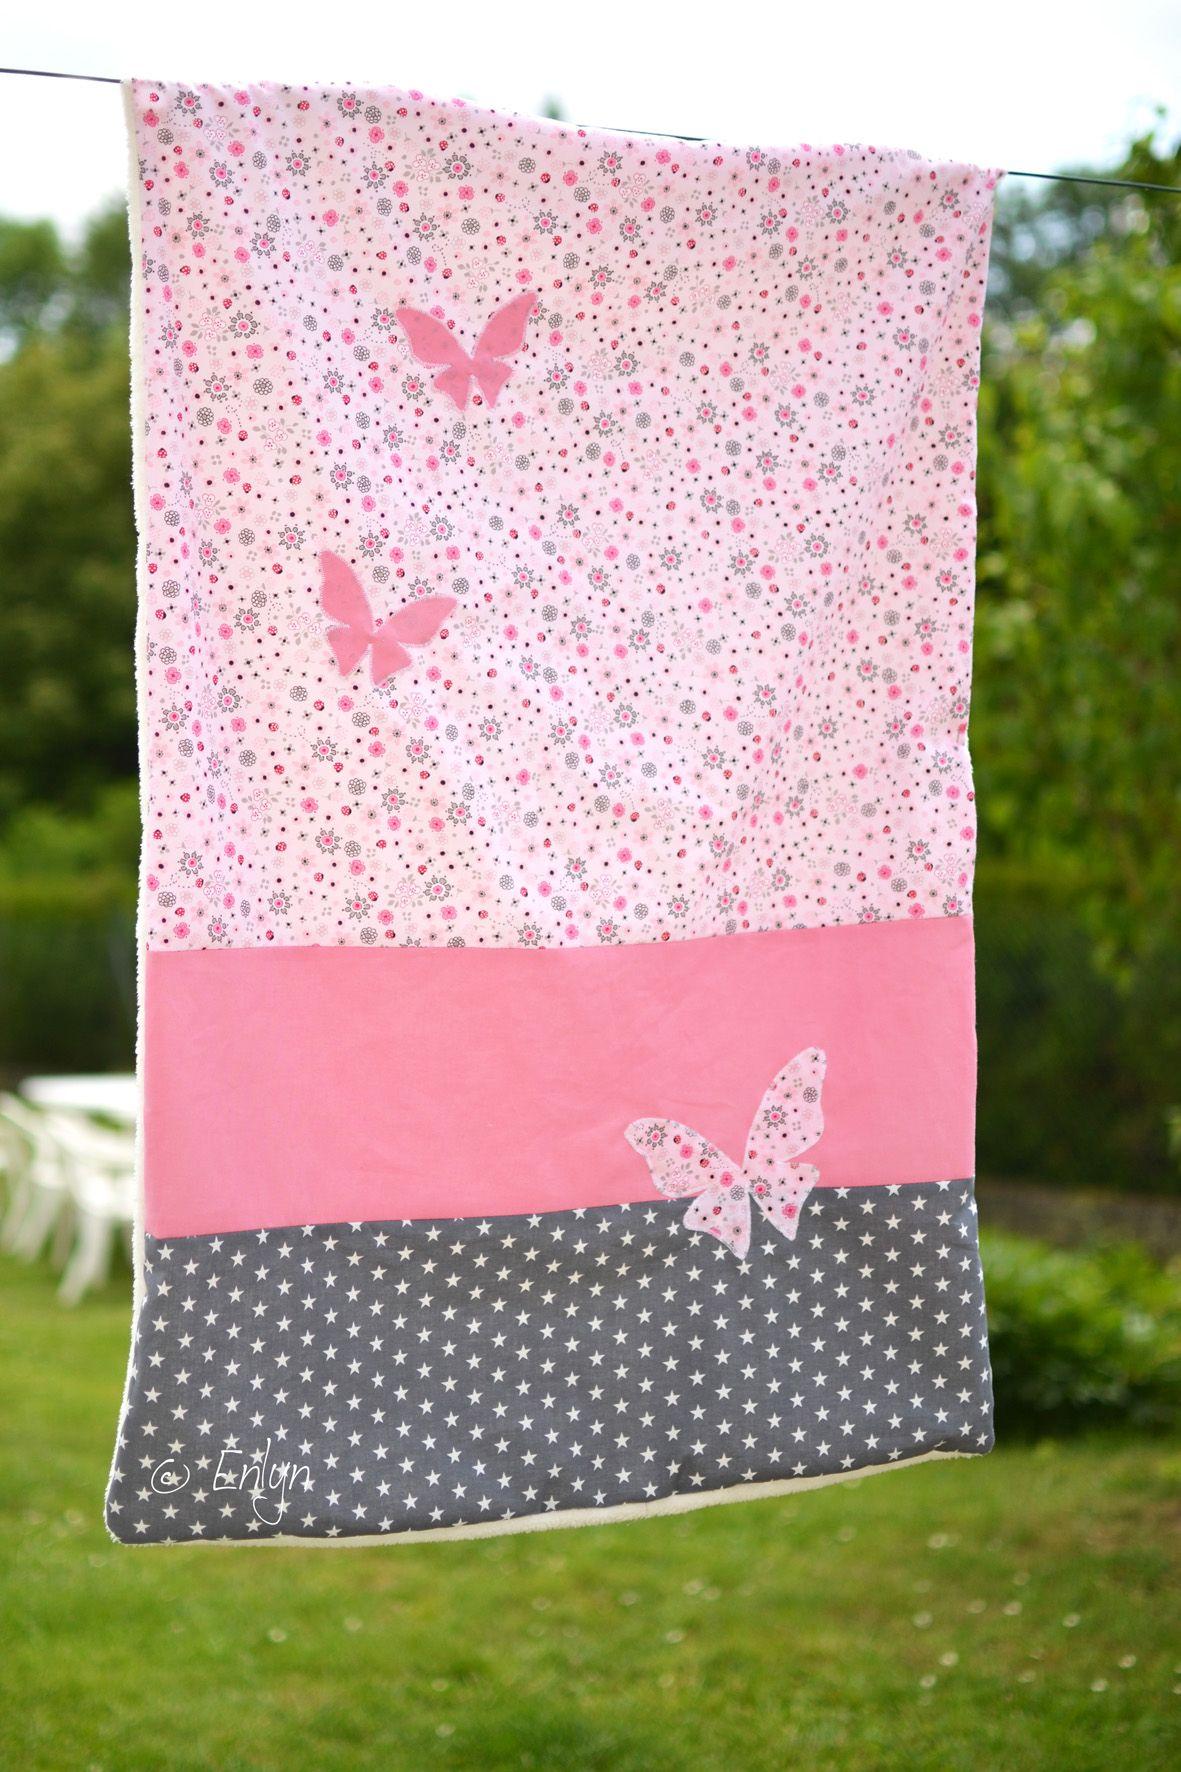 couverture couture bébé Couverture | couture bébé | Pinterest | Couvertures, Bébé et  couverture couture bébé